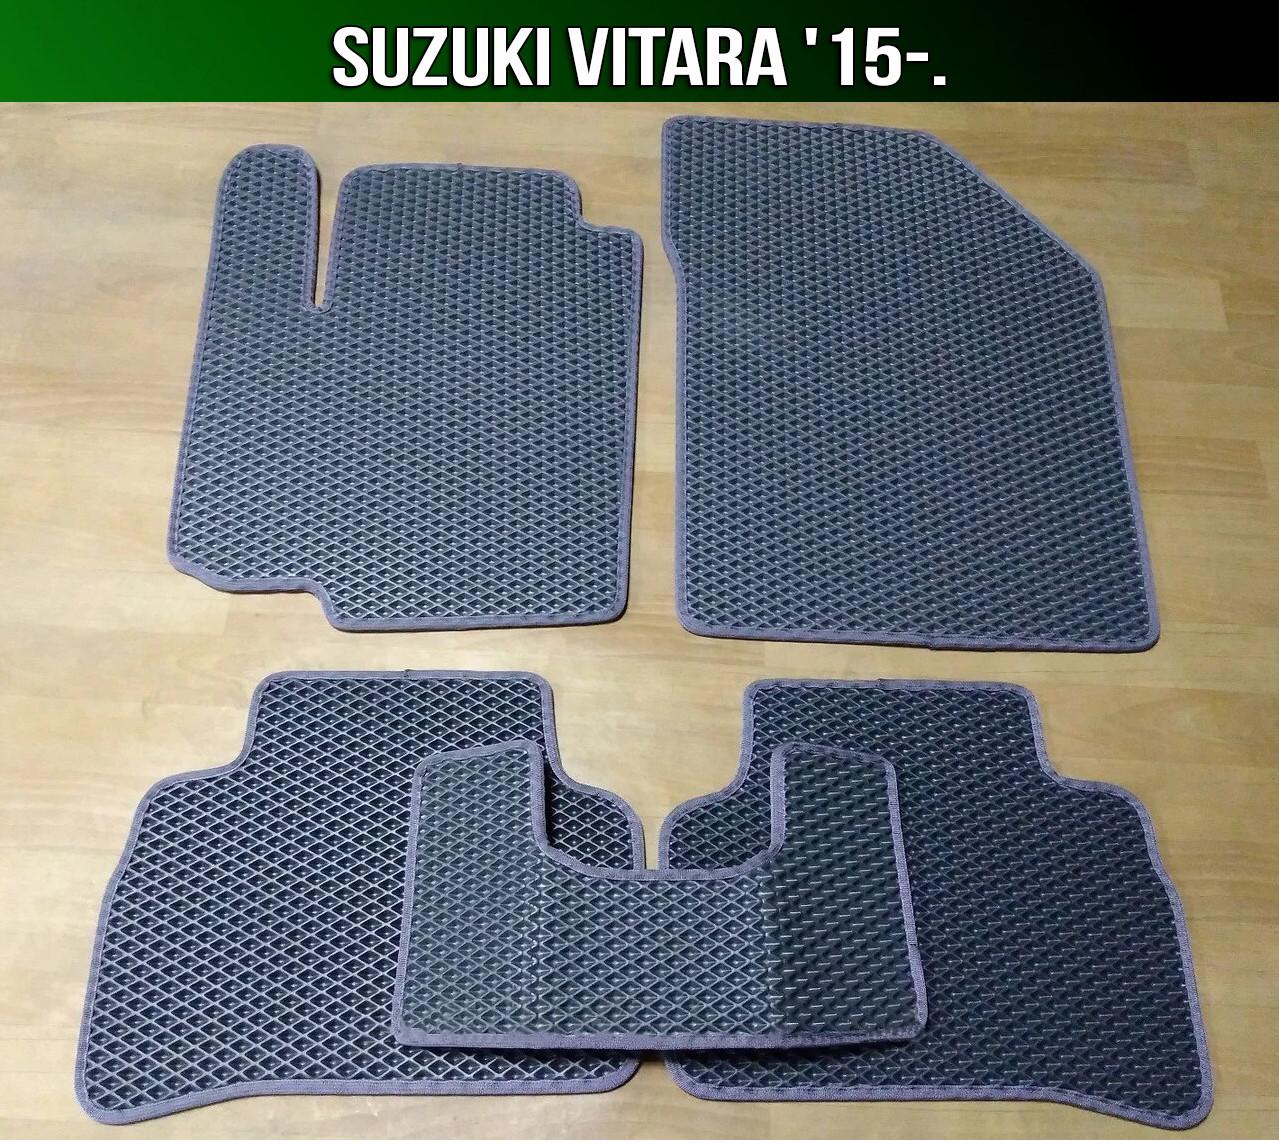 ЄВА килимки на Suzuki Vitara '15-. Автоковрики EVA Сузукі Вітара